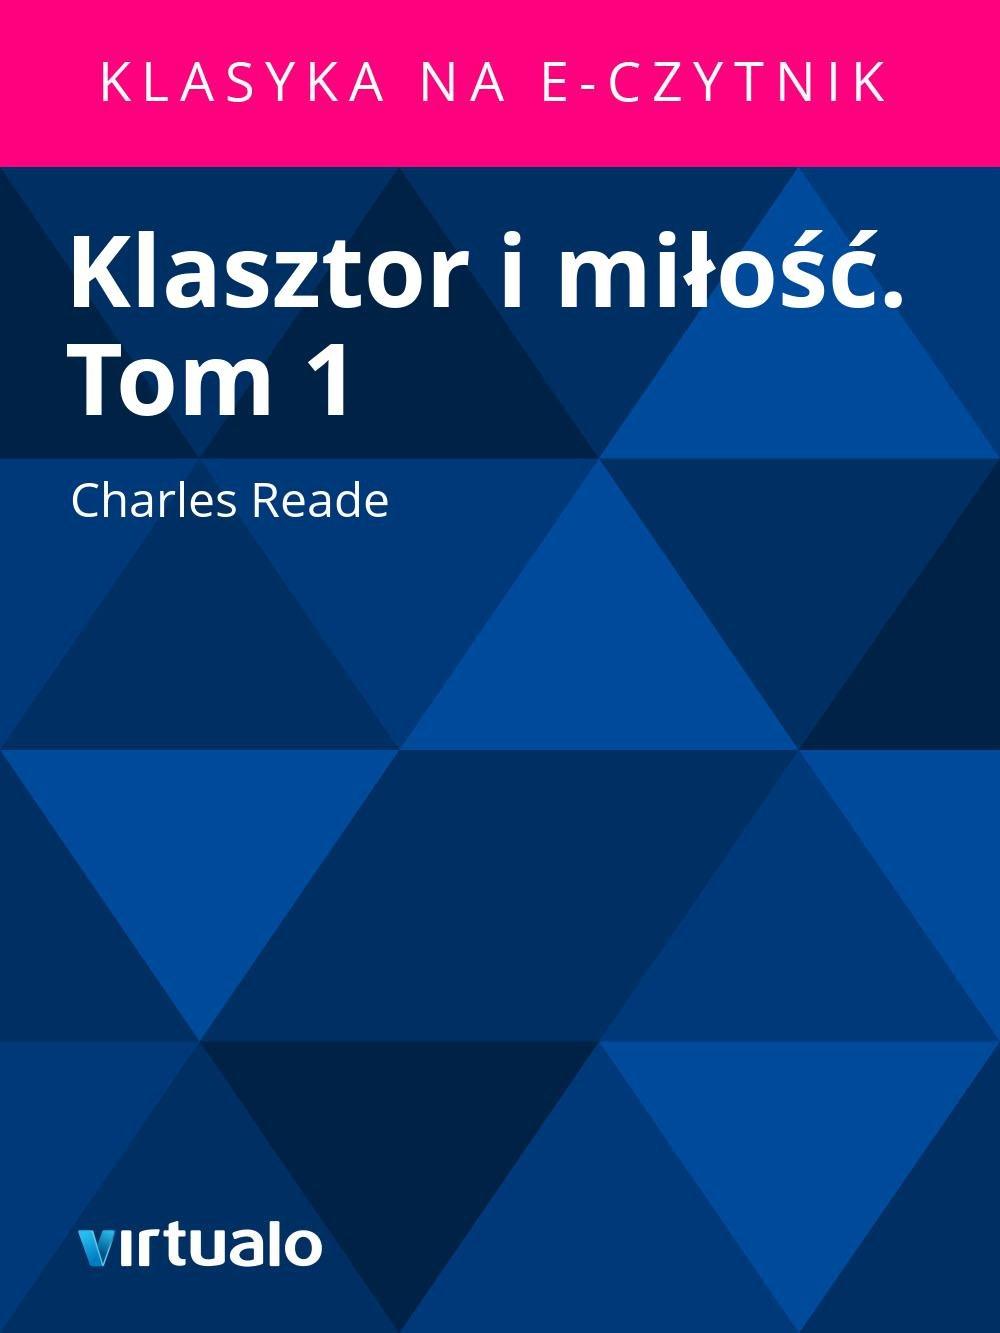 Klasztor i miłość. Tom 1 - Ebook (Książka EPUB) do pobrania w formacie EPUB